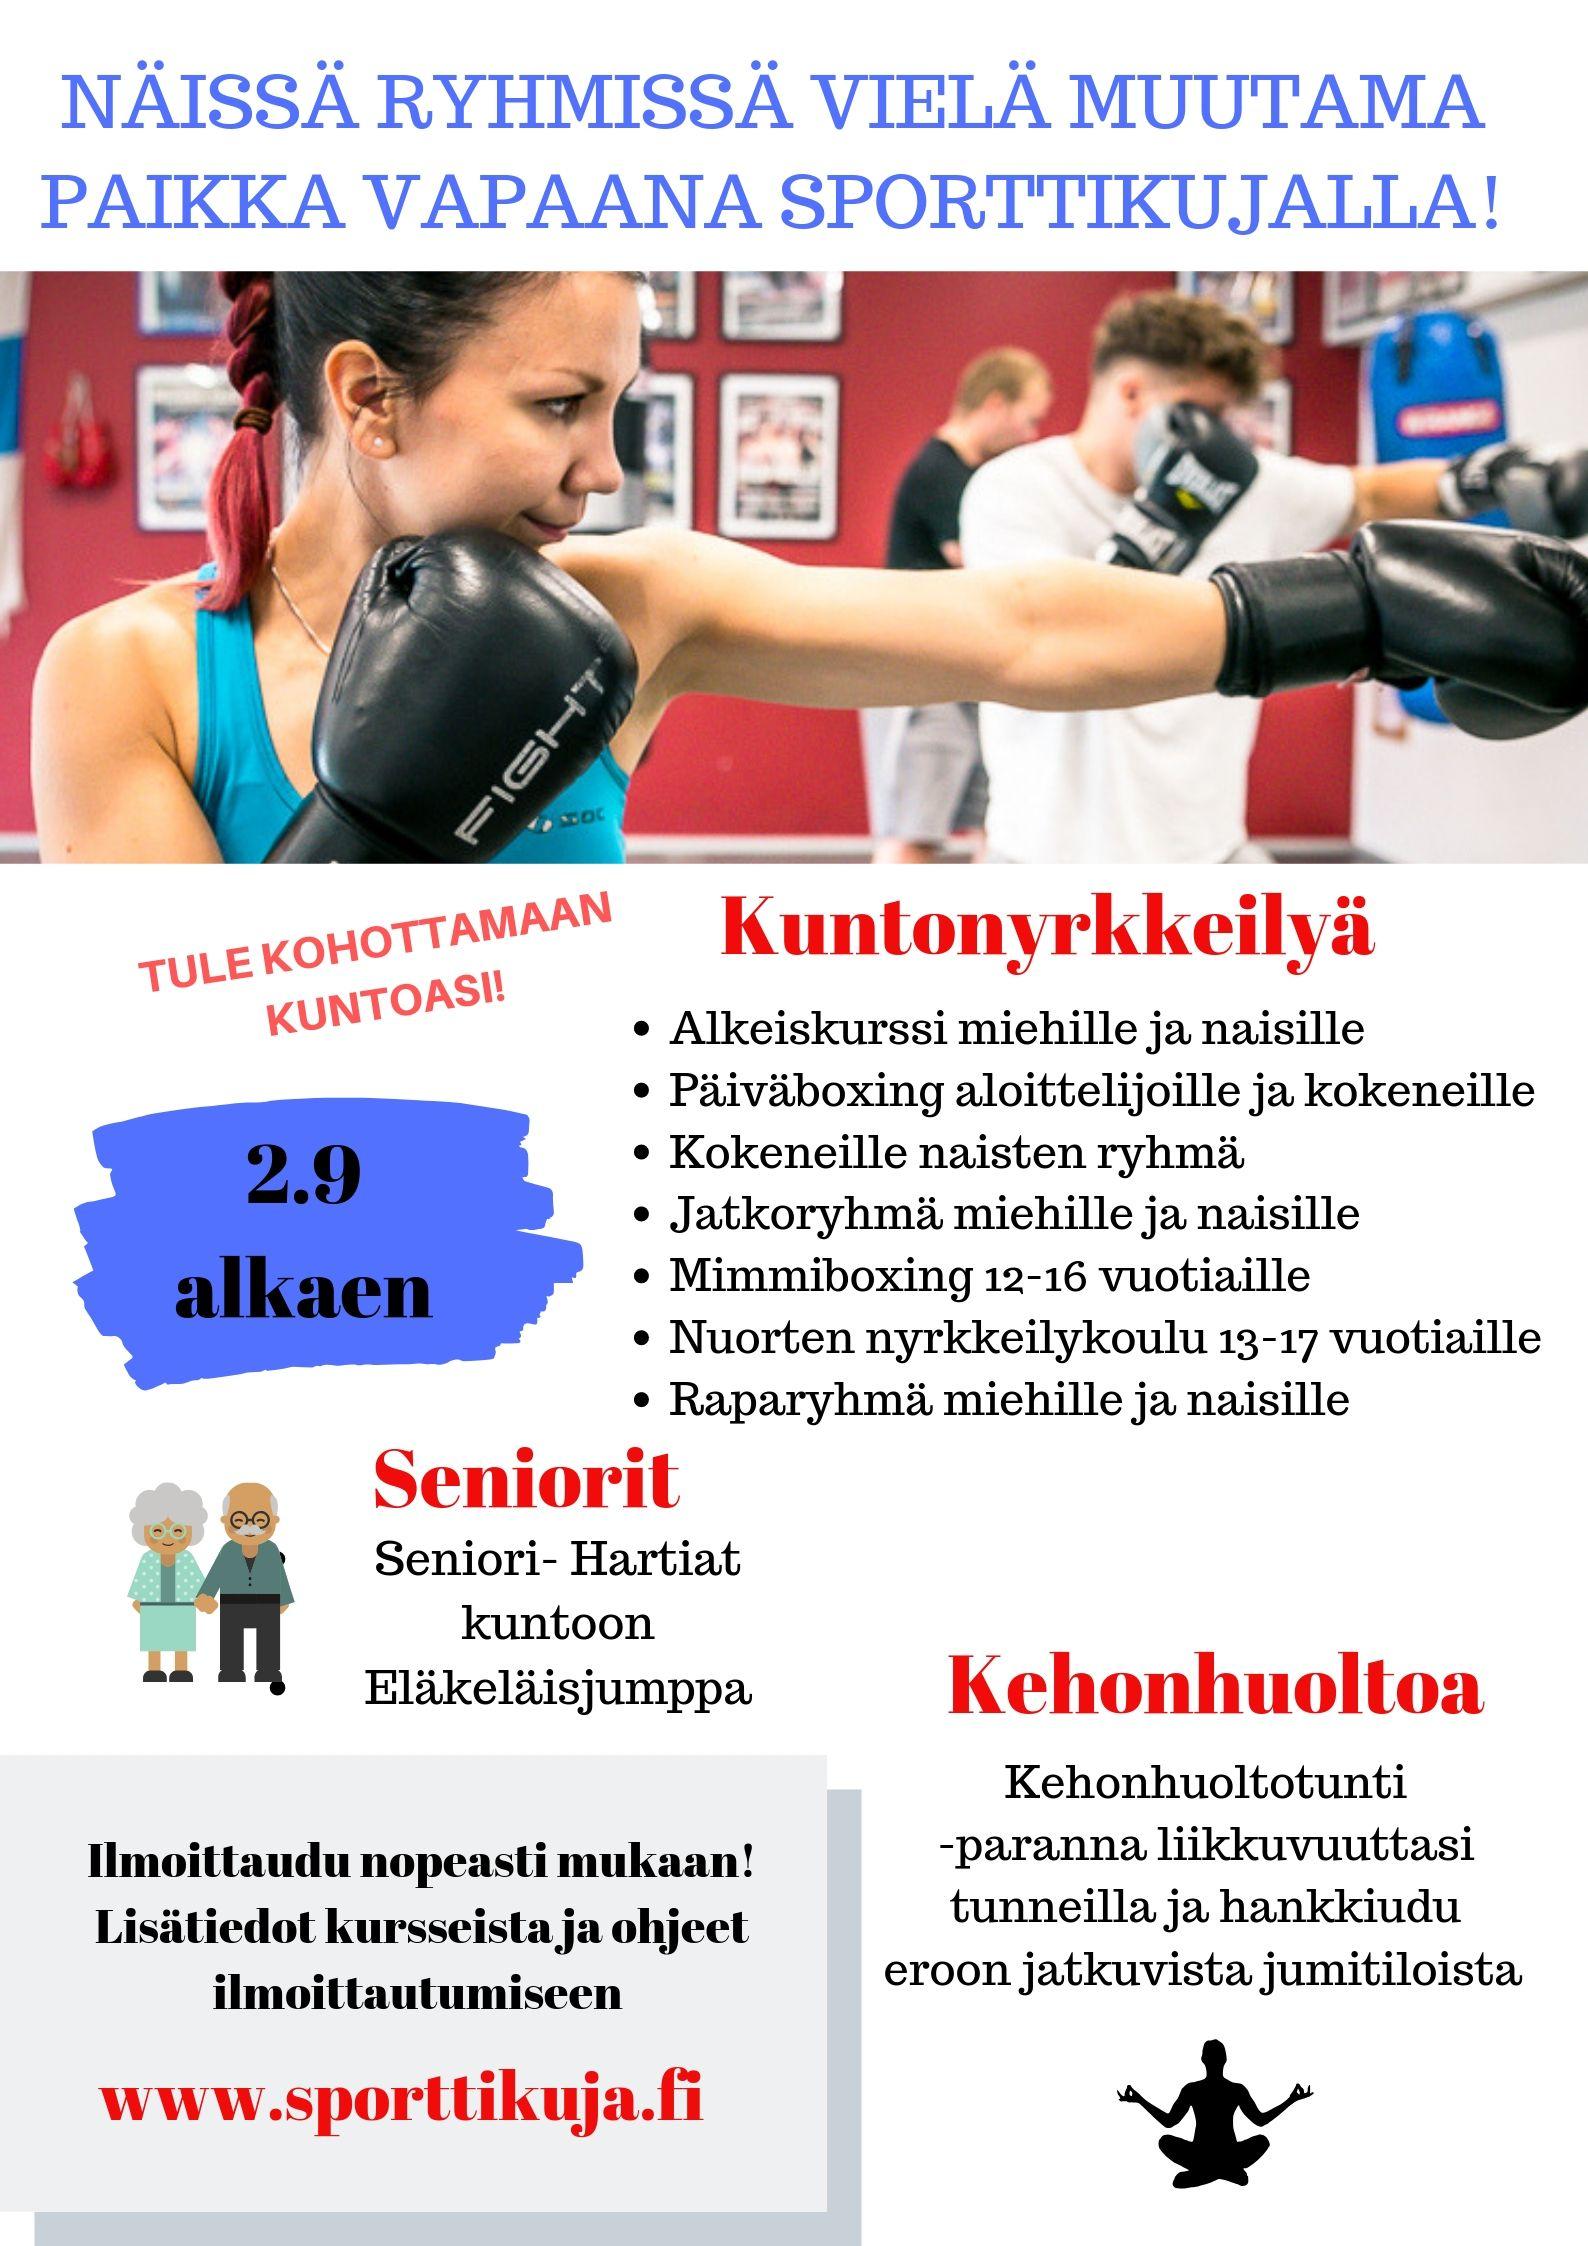 NÄISSÄ RYHMISSÄ VIELÄ MUUTAMA PAIKKA VAPAANA!(8).jpg